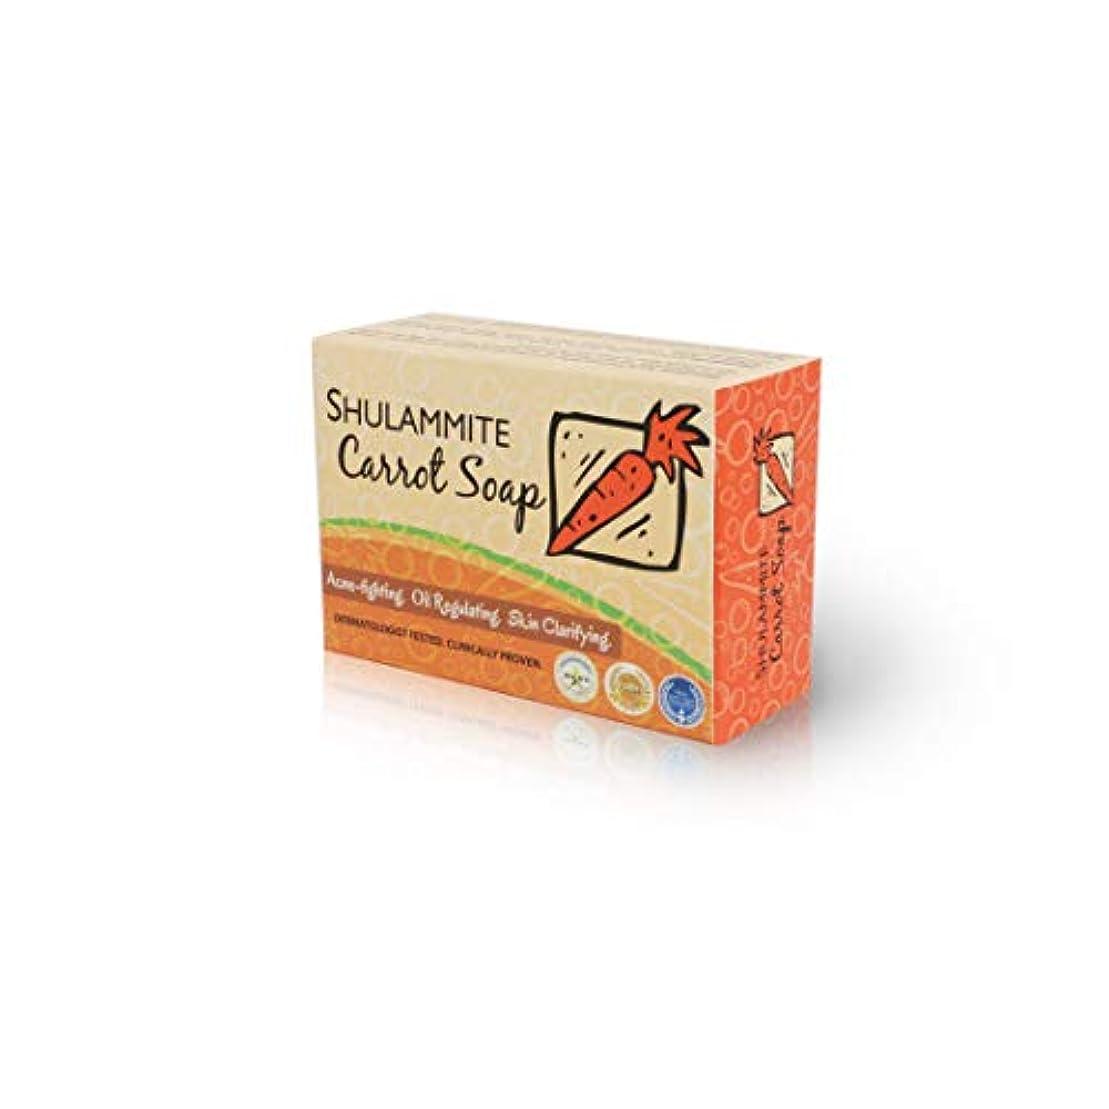 記念誘導雄大なSHULAMMITE Carrot Soap キャロットソープ150g 正規輸入代理店 Harmony & Wellness Japan distributor! Exclusive contract with manufacturer